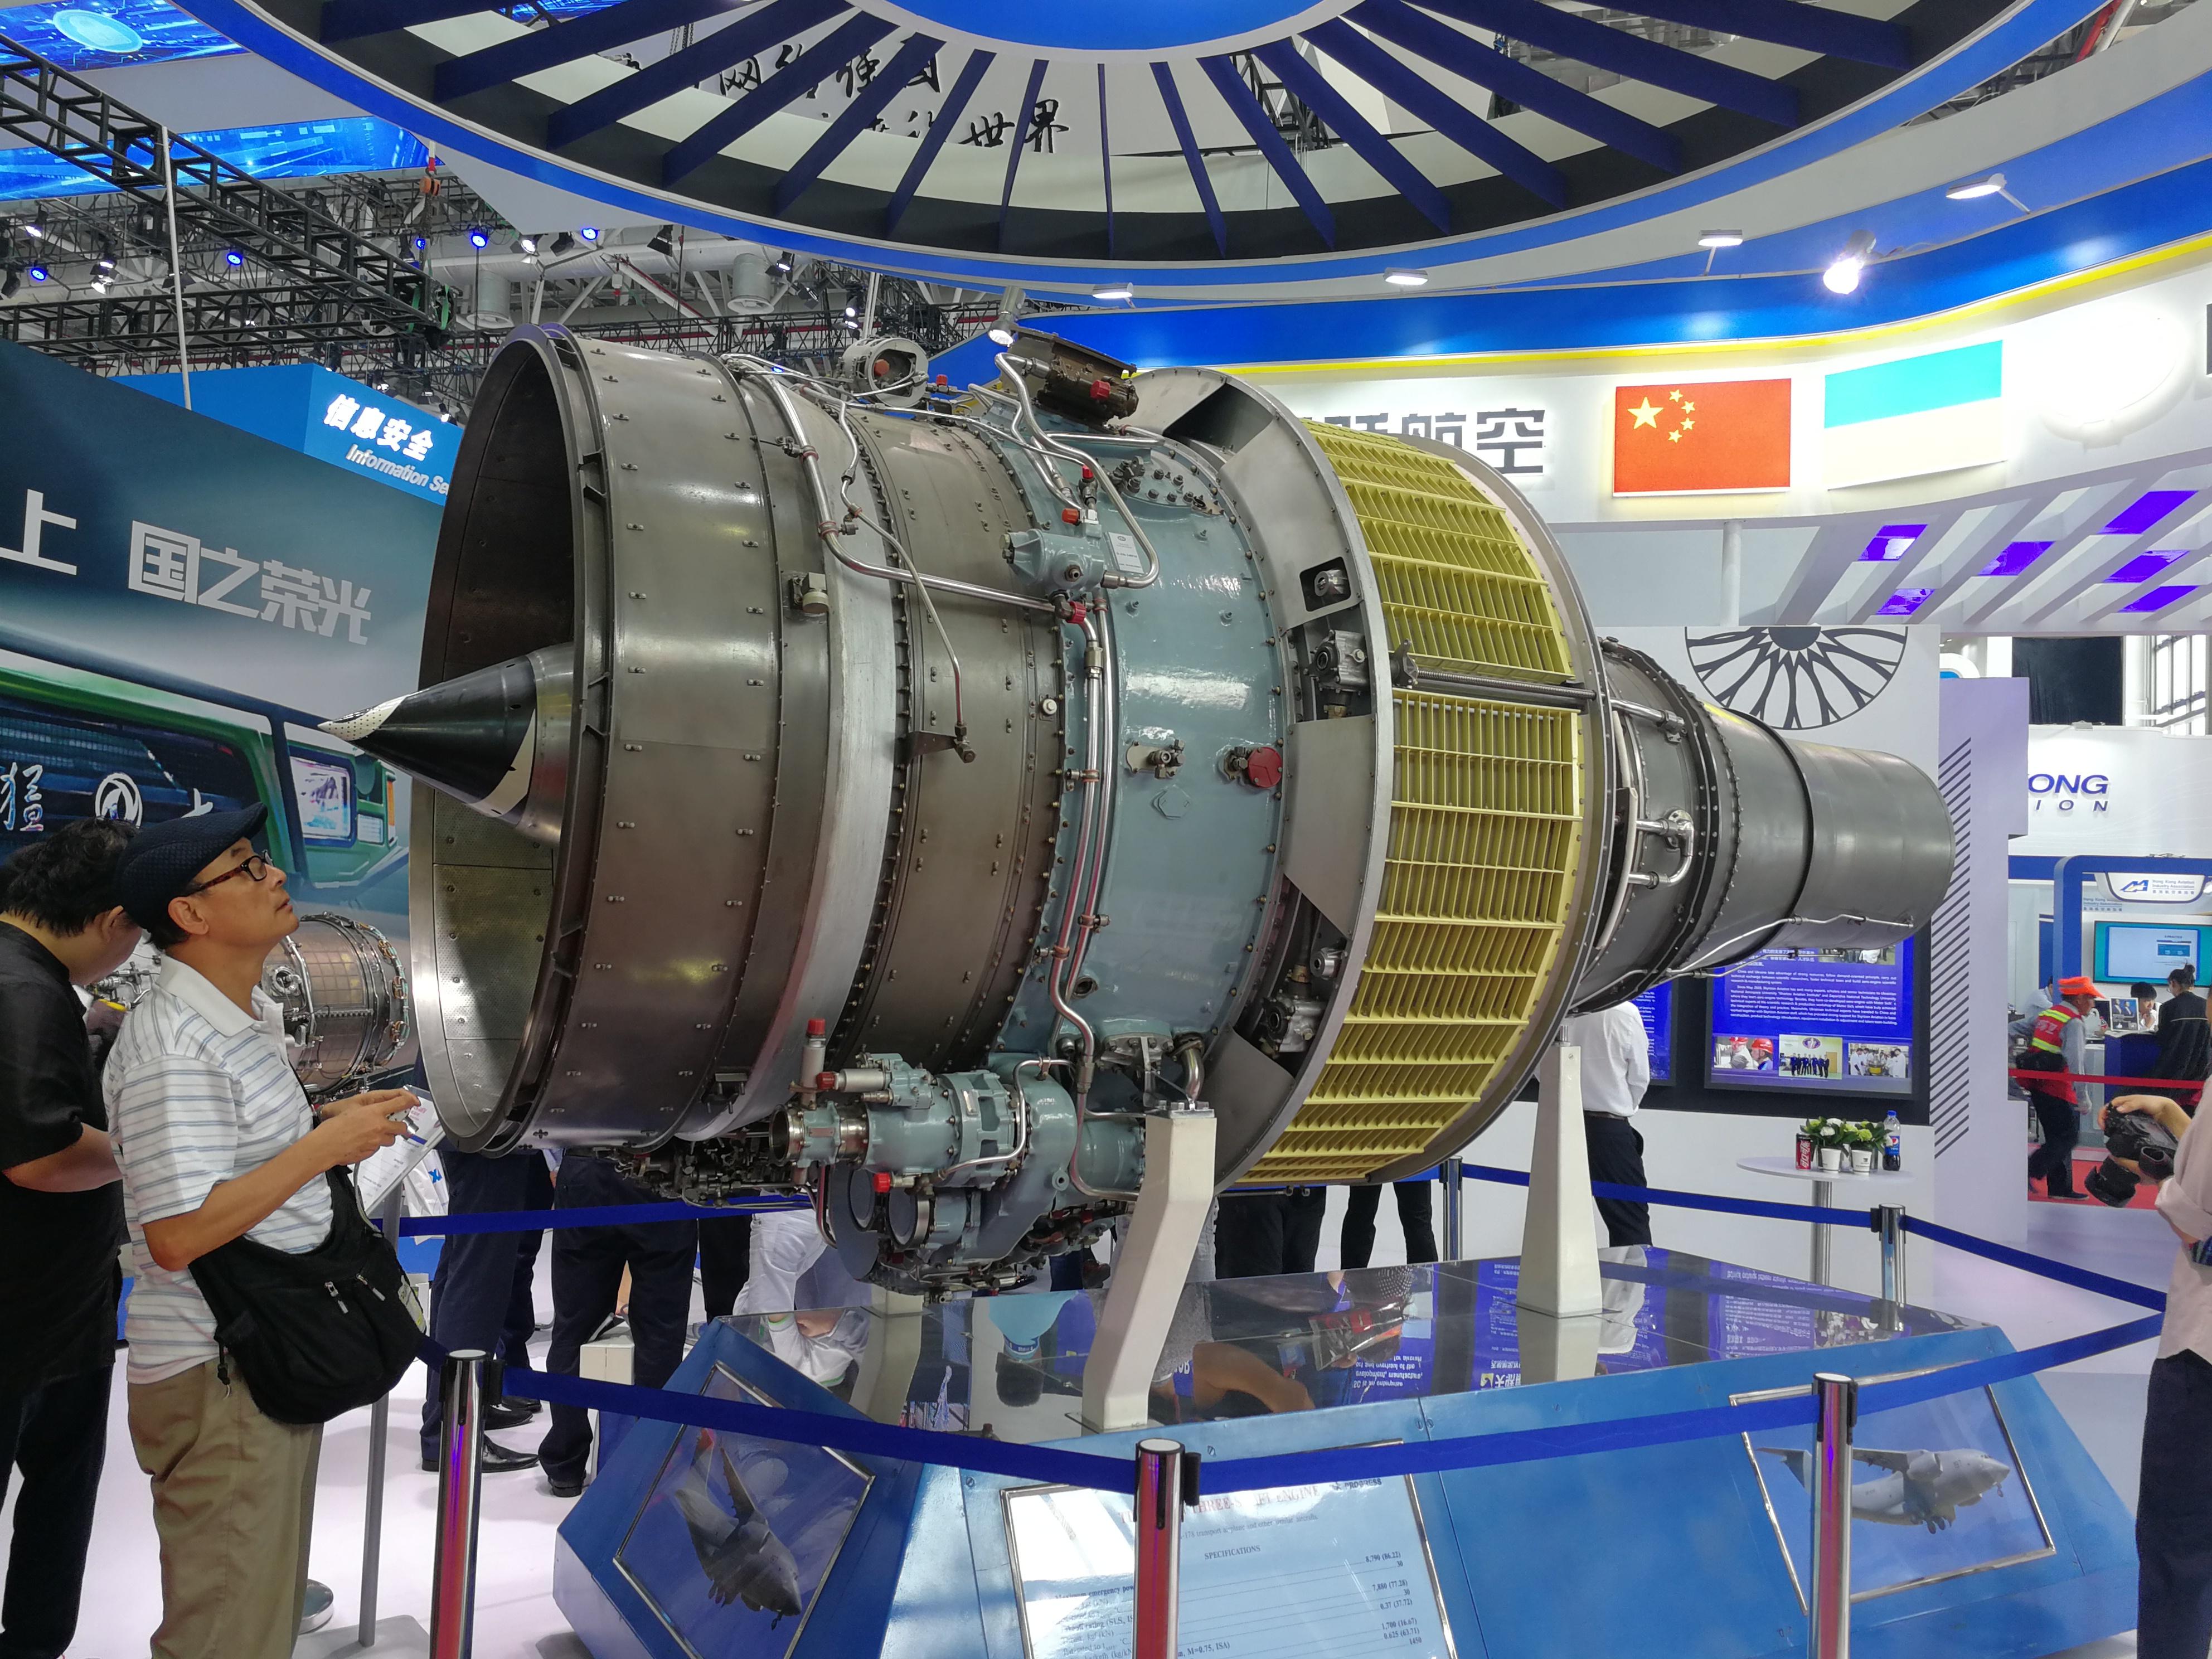 天骄航空与马达西奇再次联合参加珠海航展 4款先进航空发动机首次亮相